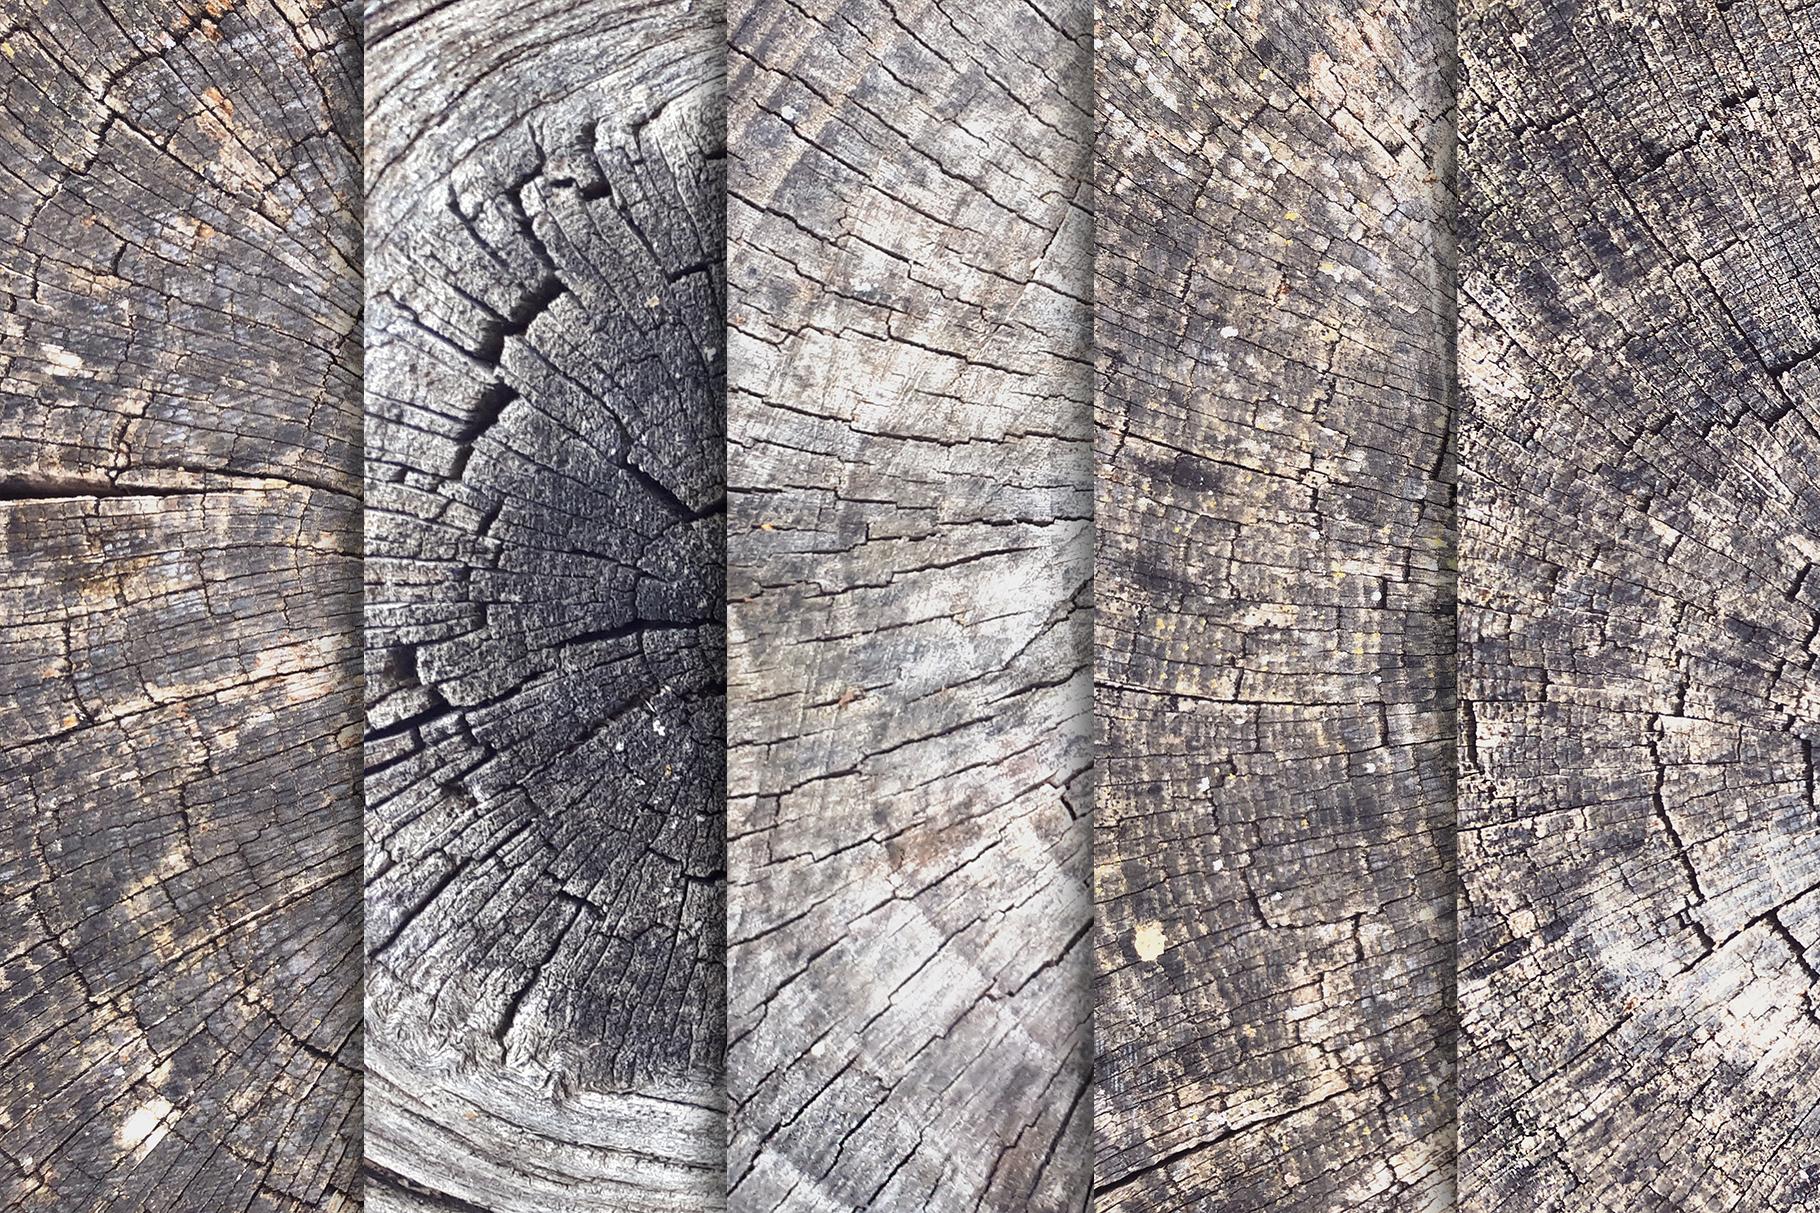 10款树木年轮背景纹理 Tree Trunk Stump Textures X10插图(2)